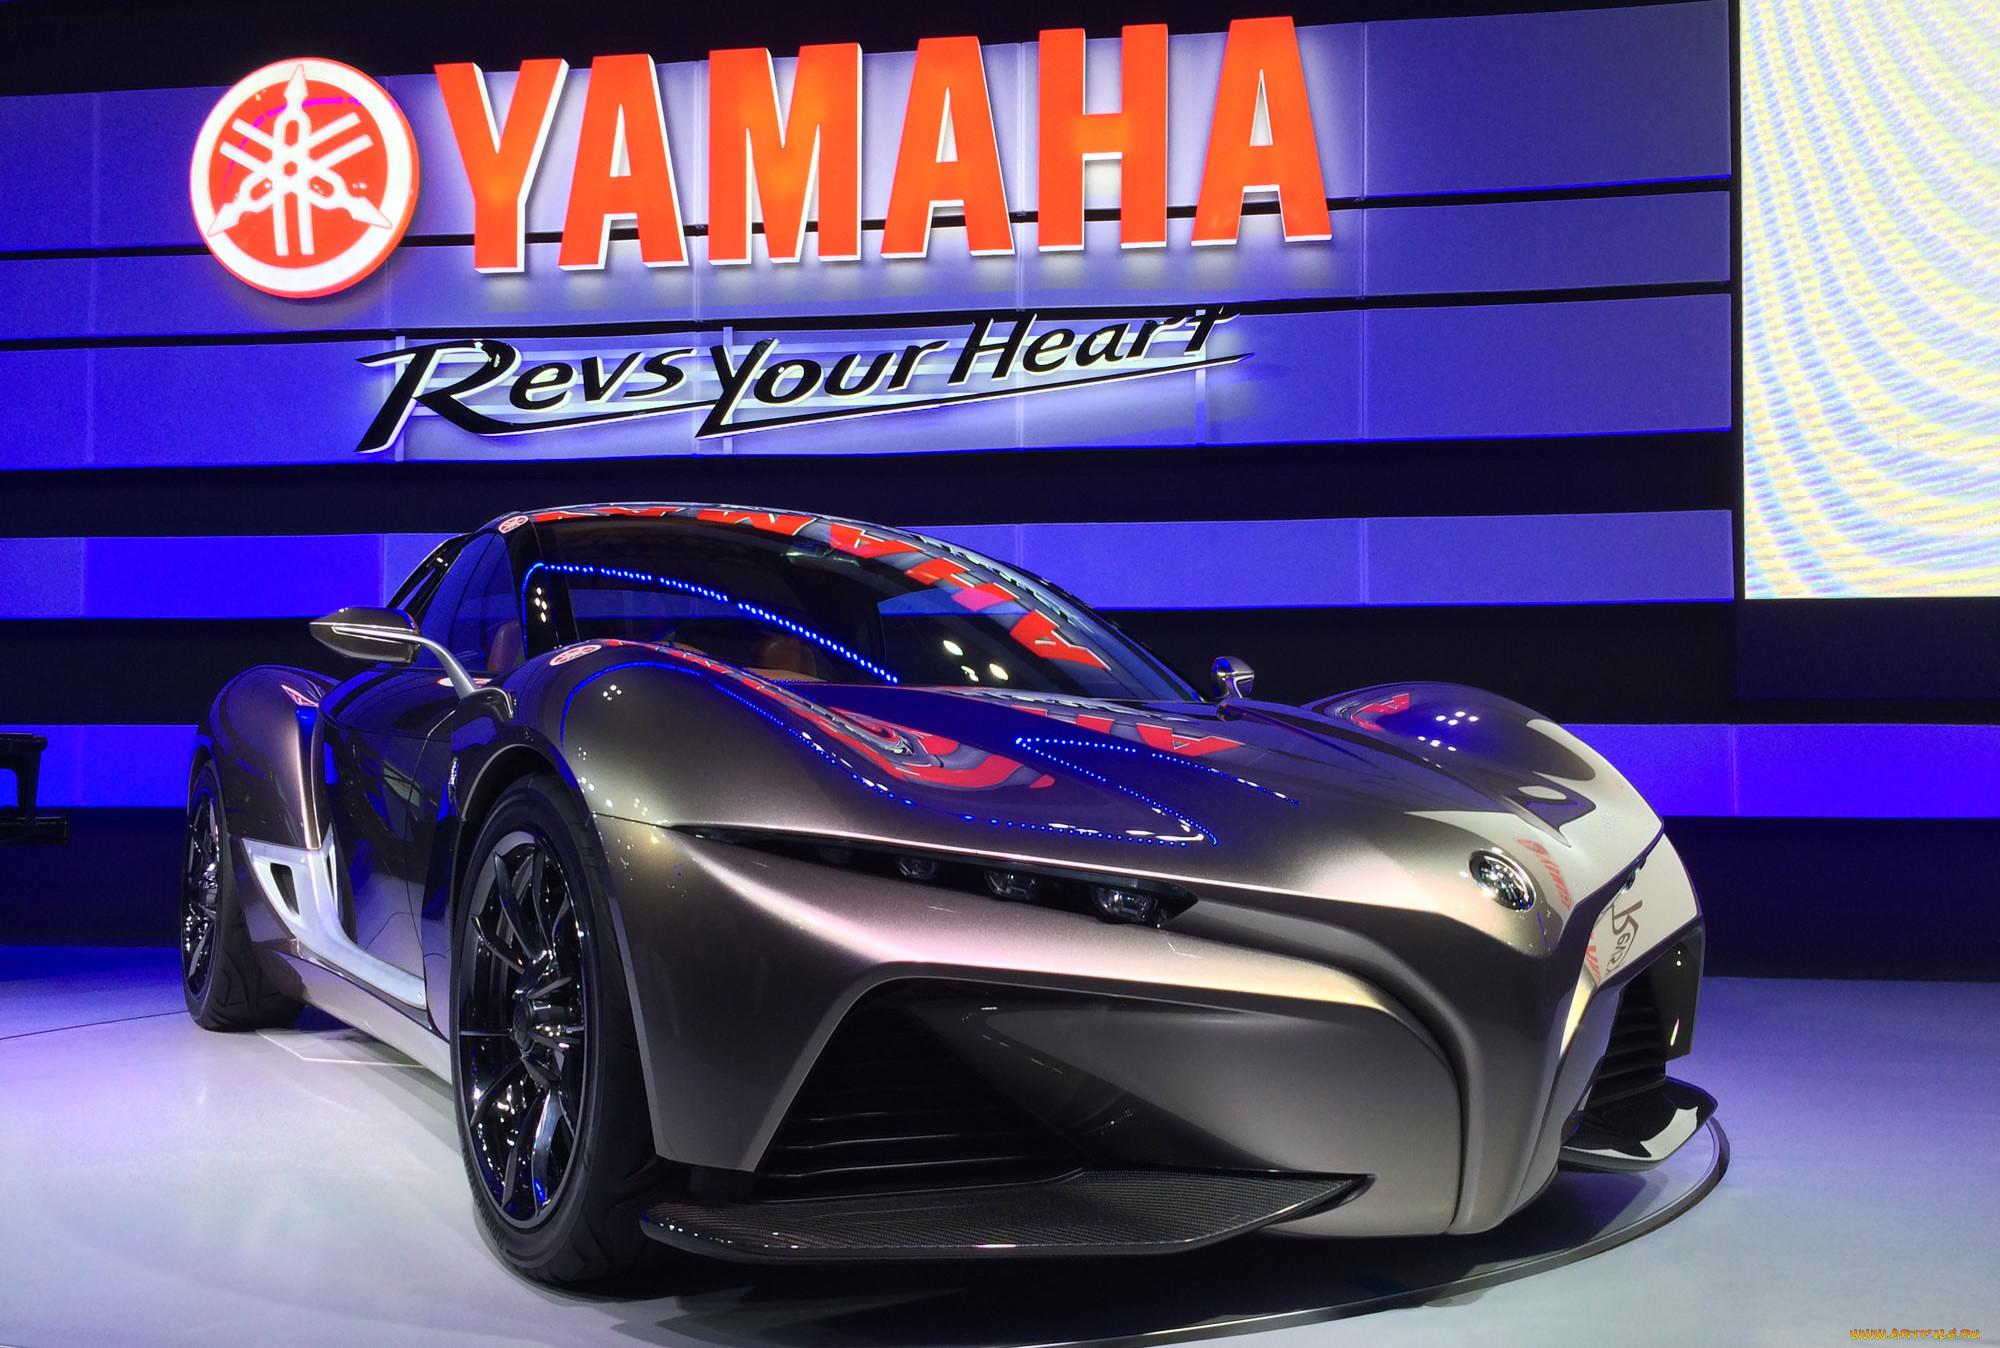 yamaha sports ride concept 2015, автомобили, выставки и уличные фото, yamaha, sports, ride, concept, 2015